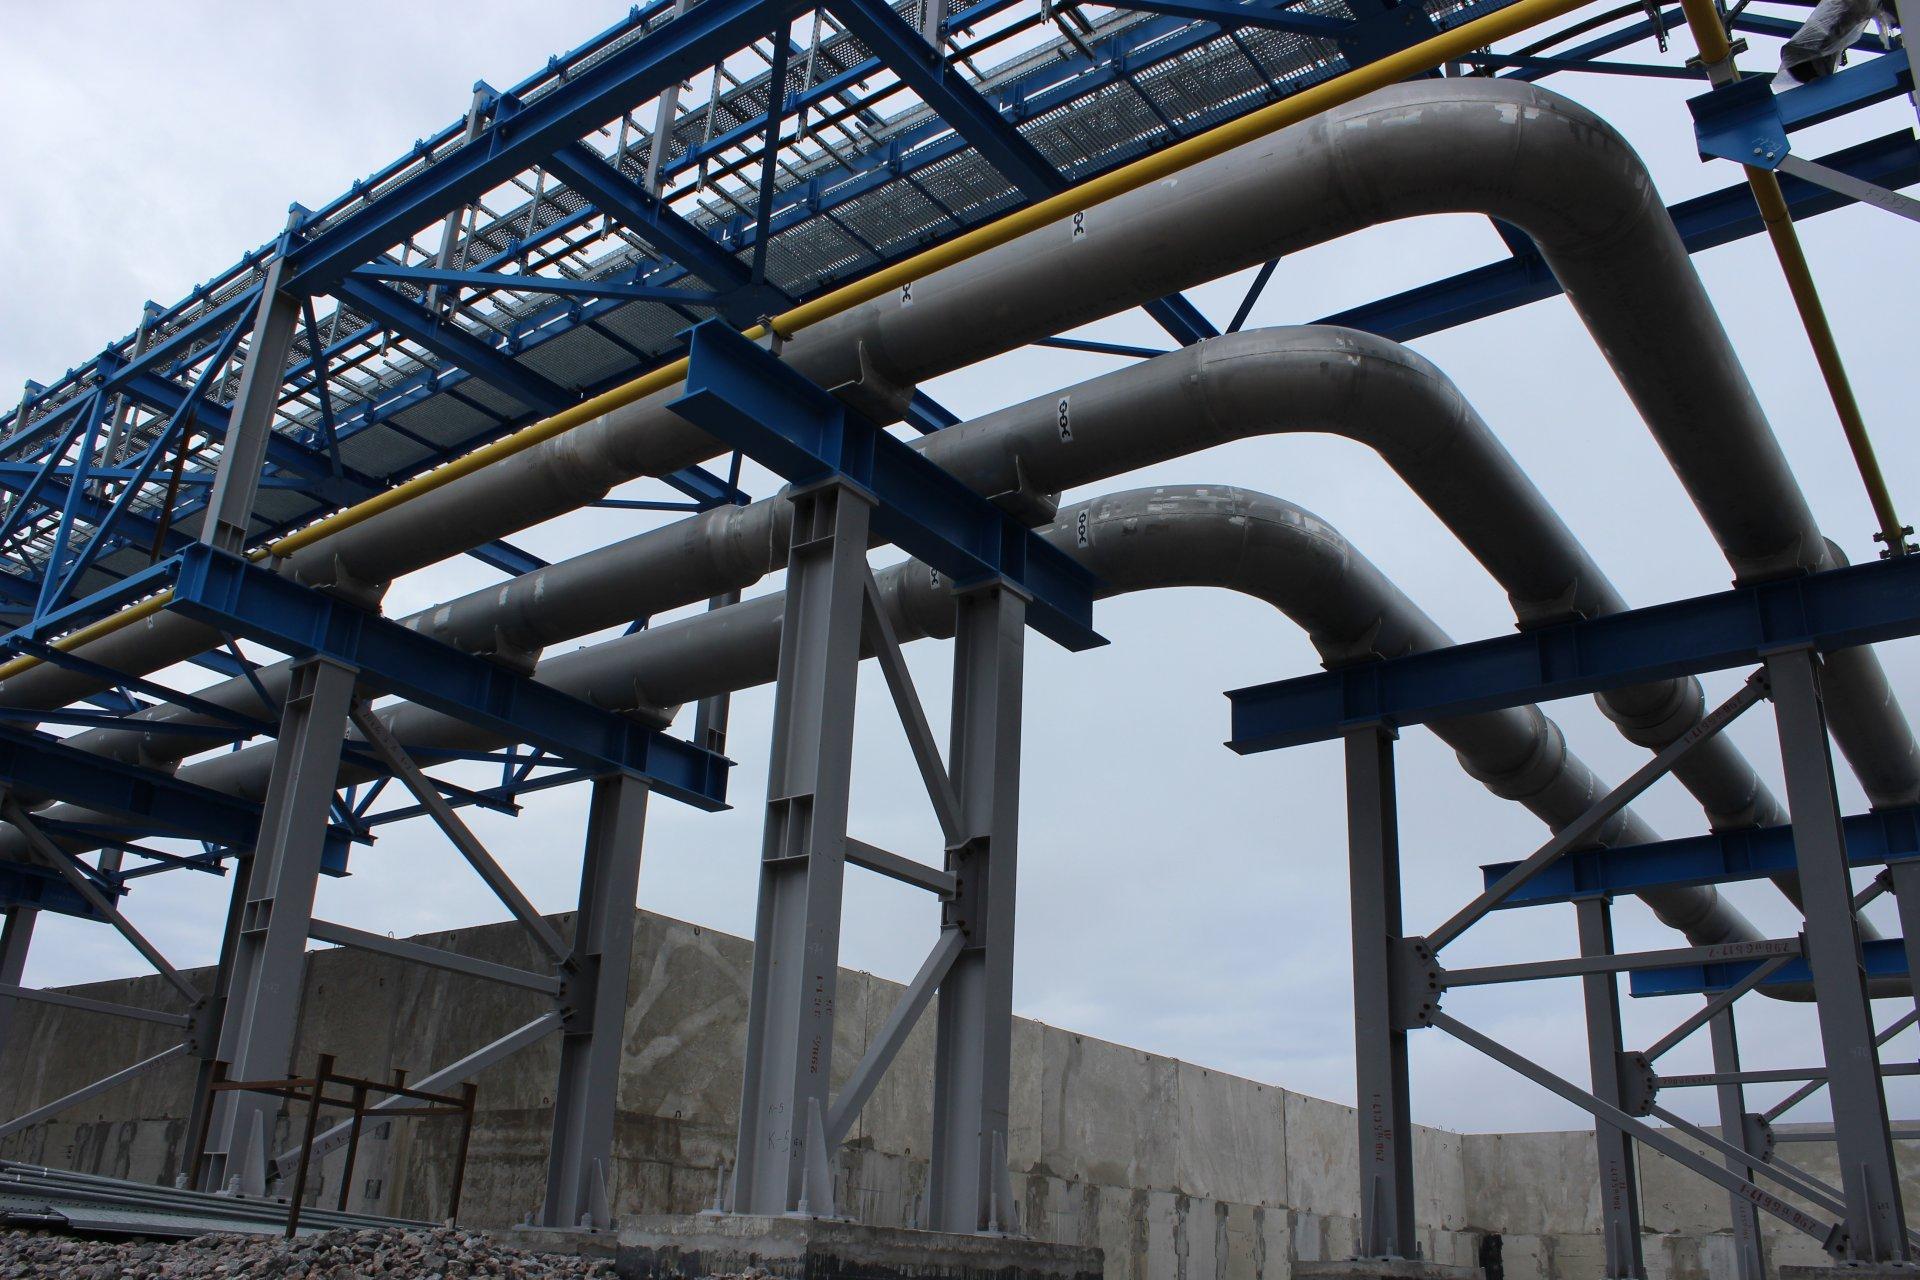 Системы трубопроводов для сжиженного природного газа (СПГ) без контуров расширения4.jpg